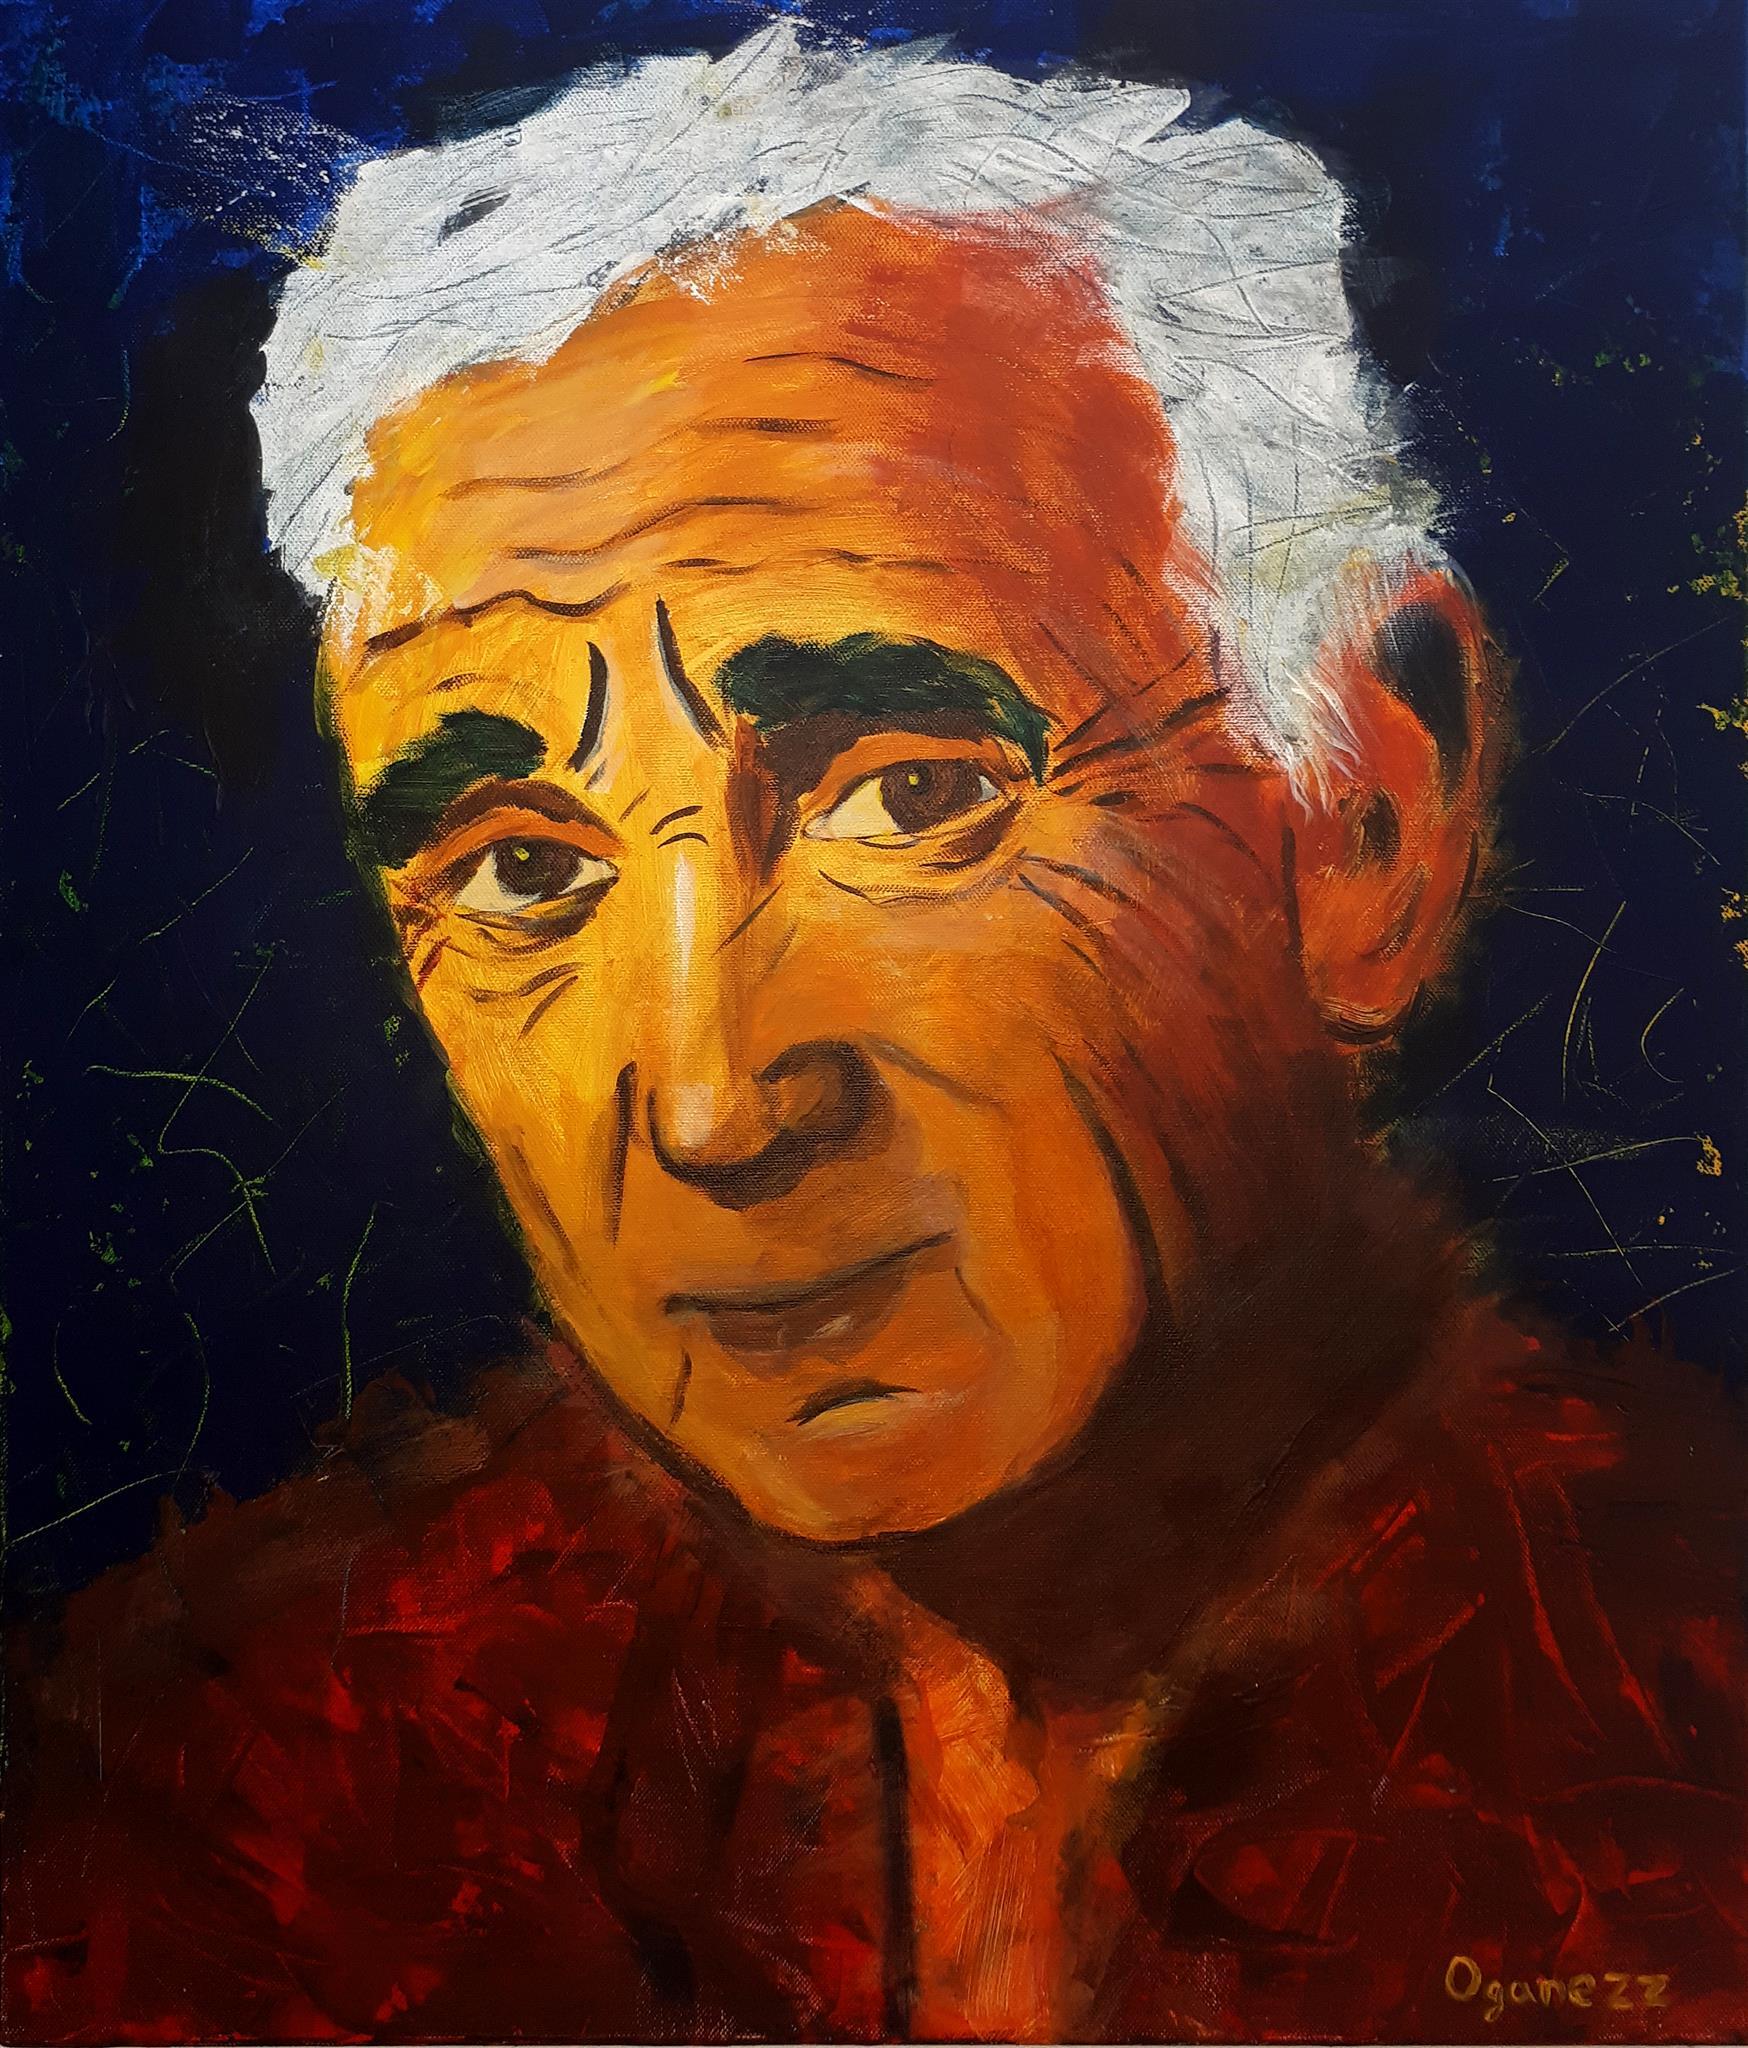 61f8d5f4ab8 Charles Aznavour – KRISTINA OGANEZOVA ART